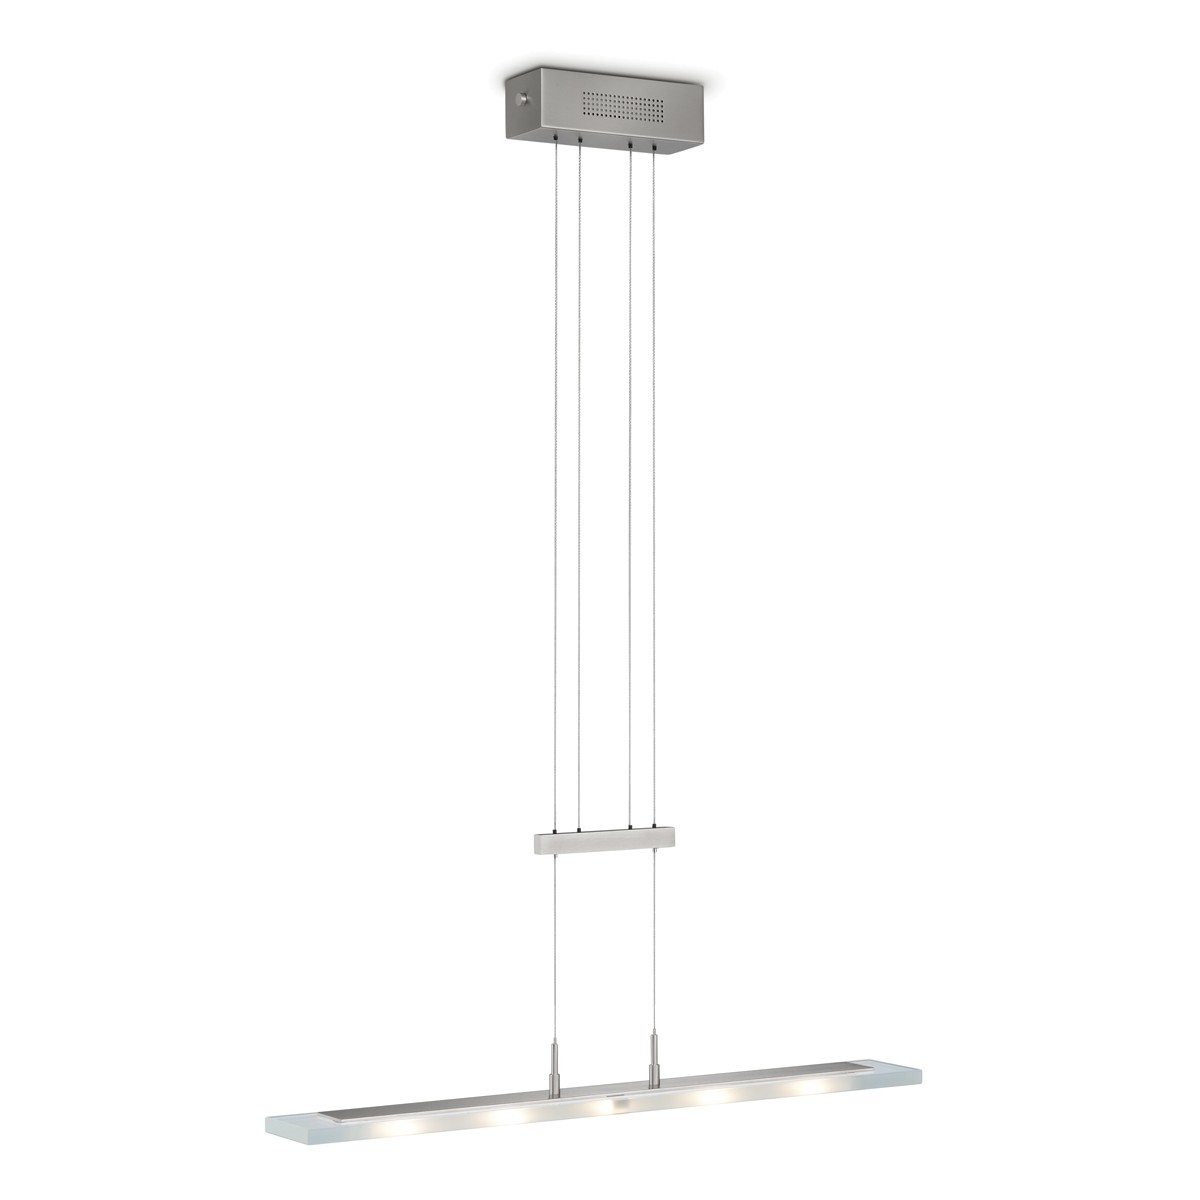 Knapstein 51.45x Pendelleuchte, Länge: 70 cm, Nickel matt